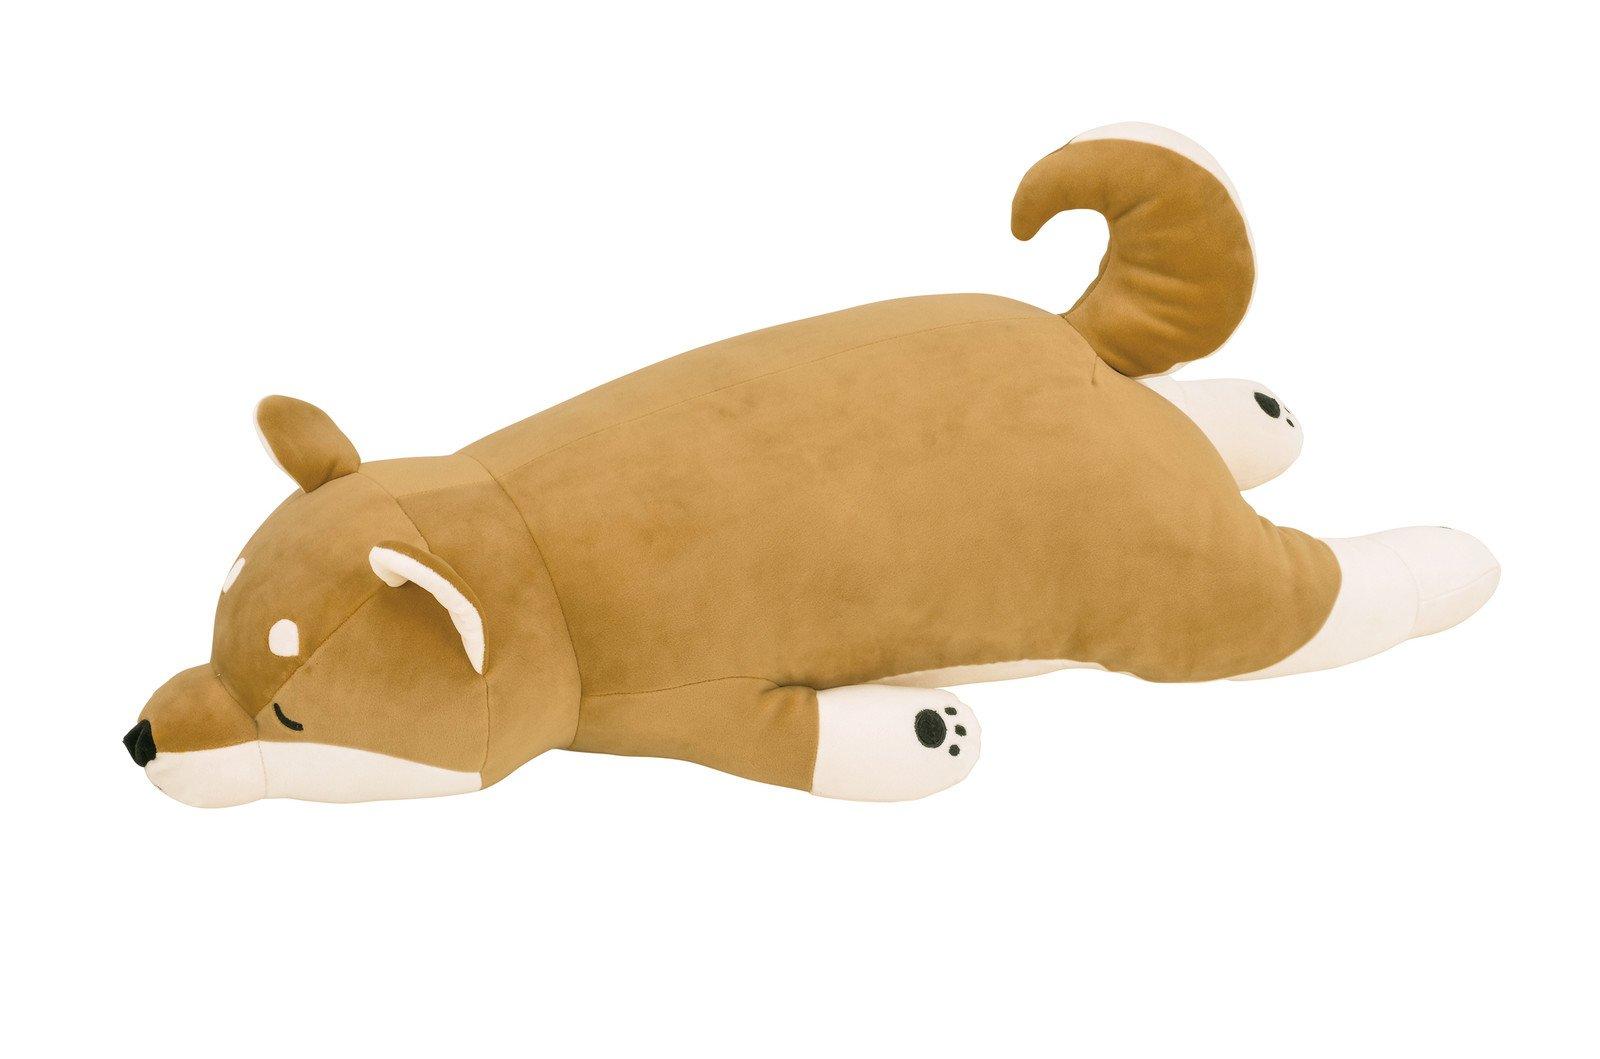 LivHeart Premium Nemu Nemu Body Pillow Hug Pillow Shiba (M) Kotaro Shiba Dog